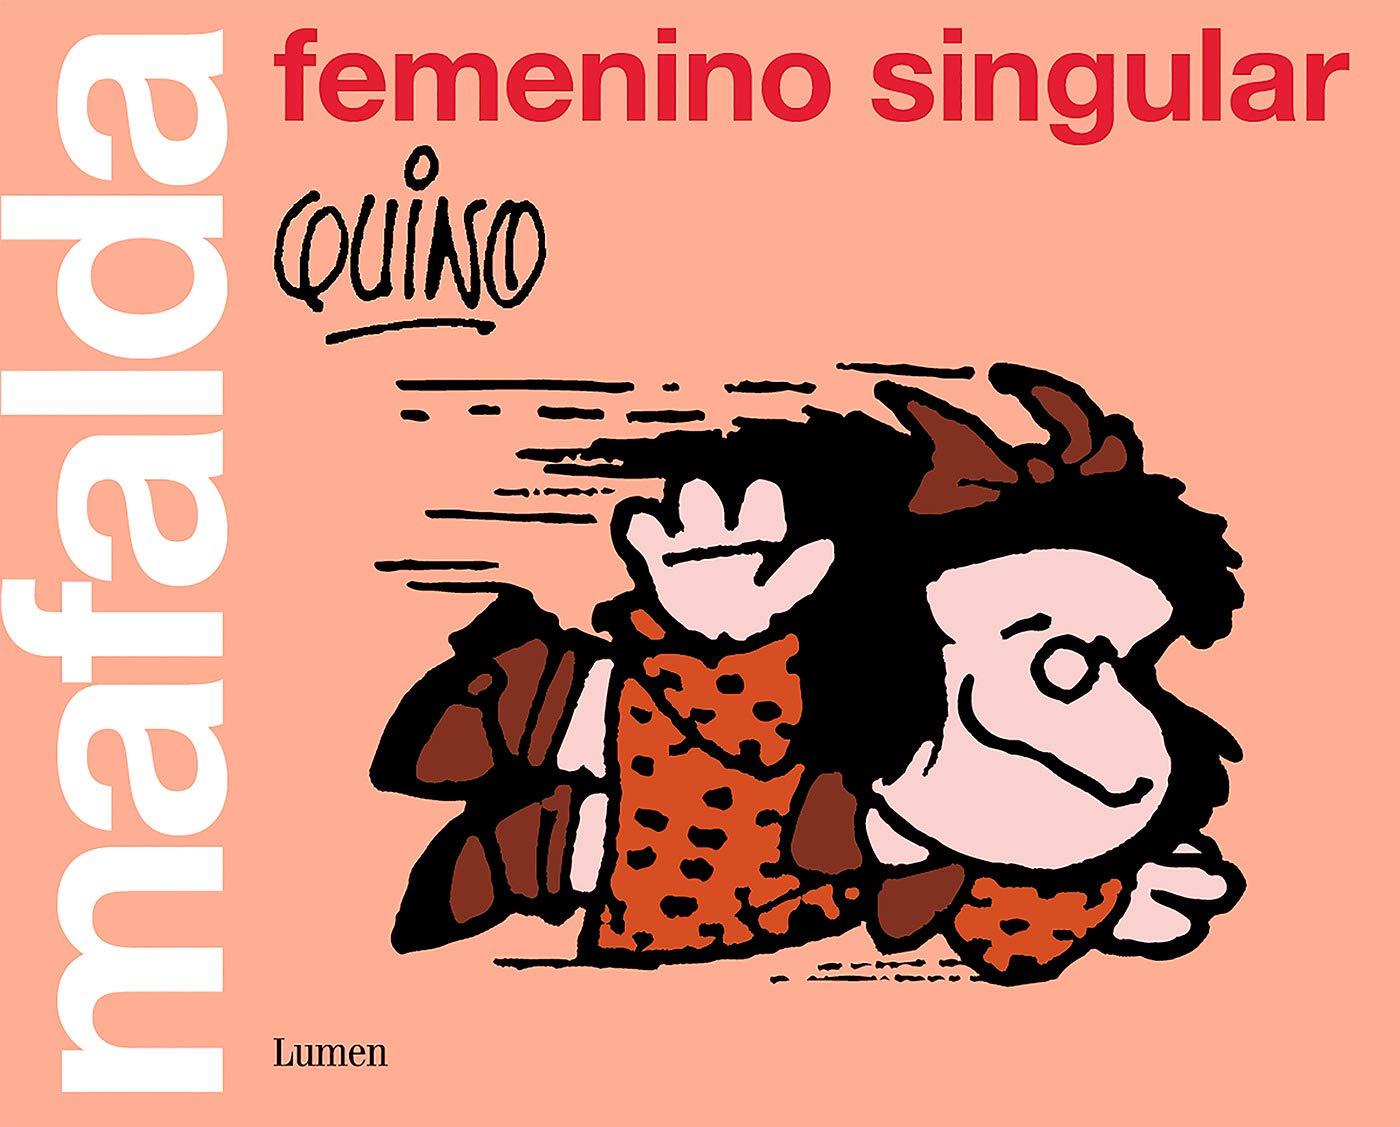 Mafalda: femenino singular (QUINO MAFALDA) Tapa blanda – 22 nov 2018 LUMEN 8426405851 Comic book & cartoon art Graphic novels